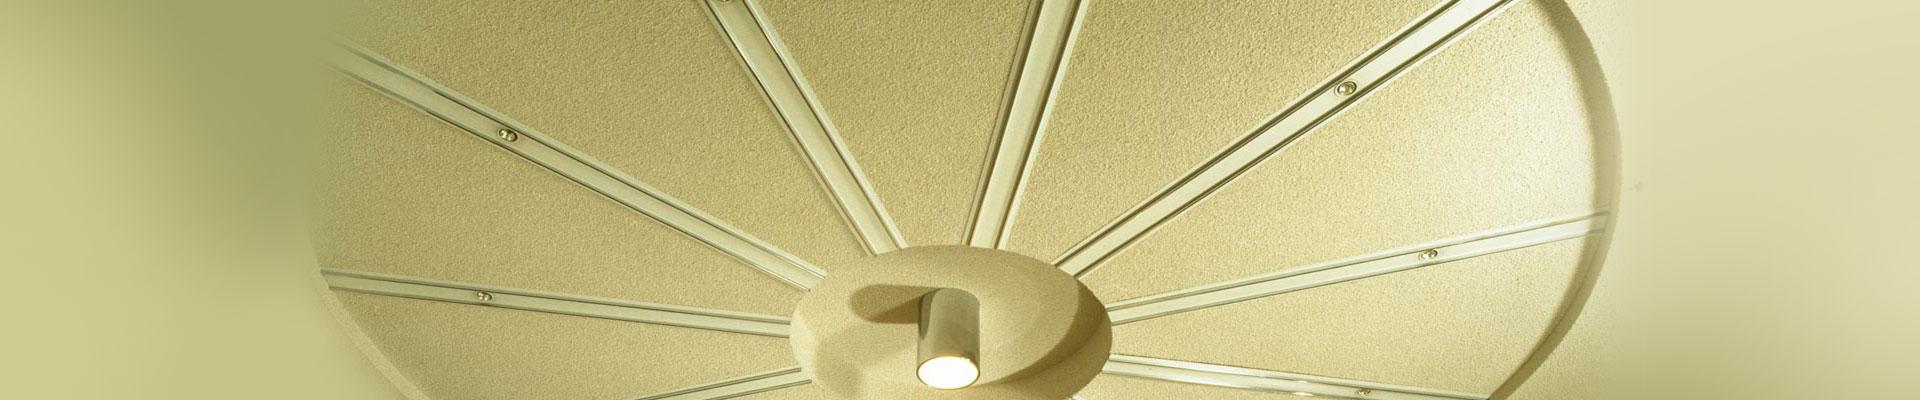 Stuckateur Deckenlampen